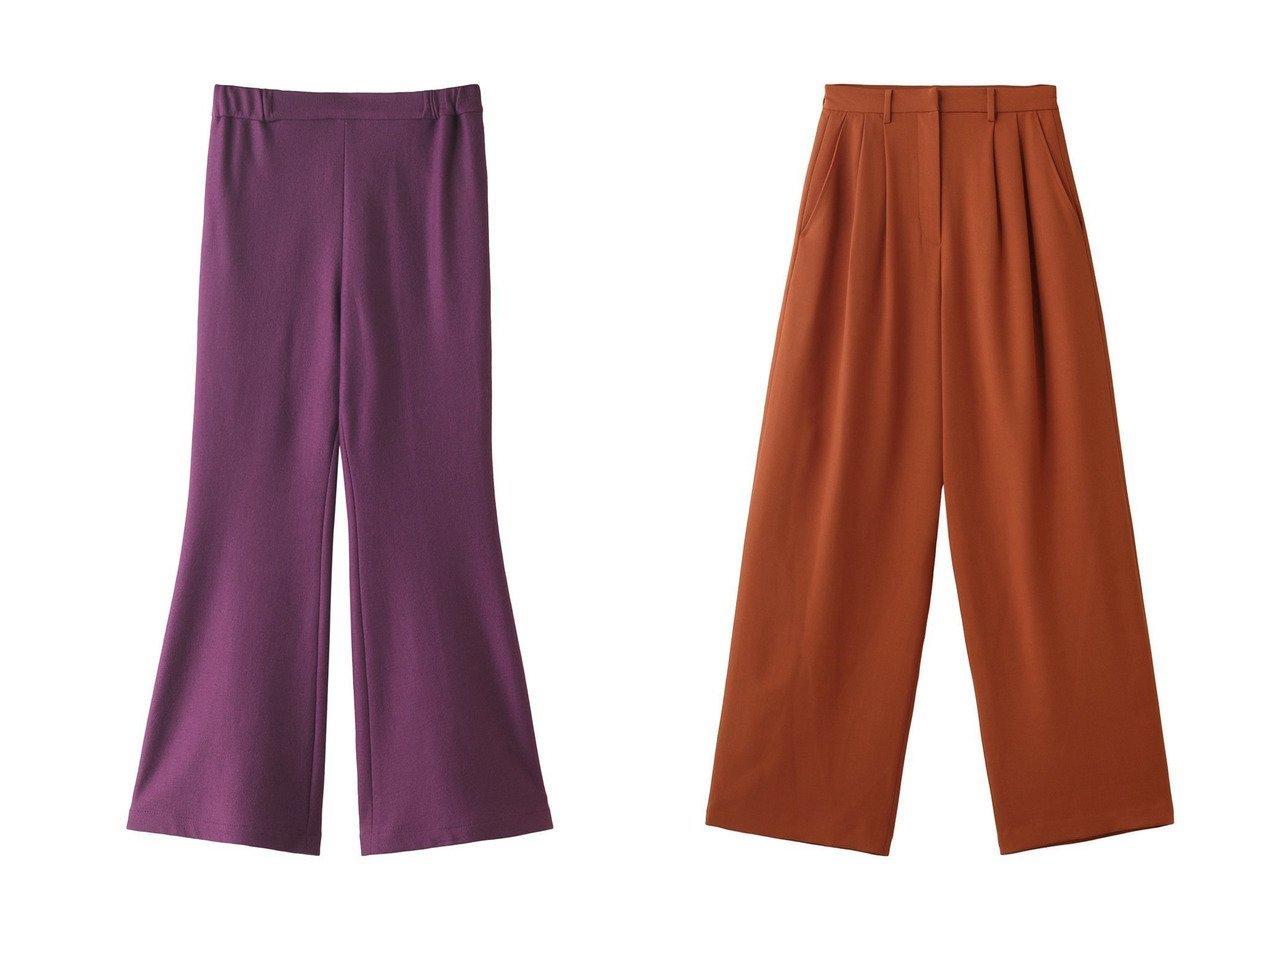 【CLANE/クラネ】のパンツ&【muller of yoshiokubo/ミュラー オブ ヨシオクボ】のウールパンツ 【パンツ】おすすめ!人気、トレンド・レディースファッションの通販 おすすめで人気の流行・トレンド、ファッションの通販商品 インテリア・家具・メンズファッション・キッズファッション・レディースファッション・服の通販 founy(ファニー) https://founy.com/ ファッション Fashion レディースファッション WOMEN パンツ Pants 2020年 2020 2020-2021秋冬・A/W AW・Autumn/Winter・FW・Fall-Winter/2020-2021 2021年 2021 2021-2022秋冬・A/W AW・Autumn/Winter・FW・Fall-Winter・2021-2022 A/W・秋冬 AW・Autumn/Winter・FW・Fall-Winter おすすめ Recommend フレア バランス フォルム |ID:crp329100000059486